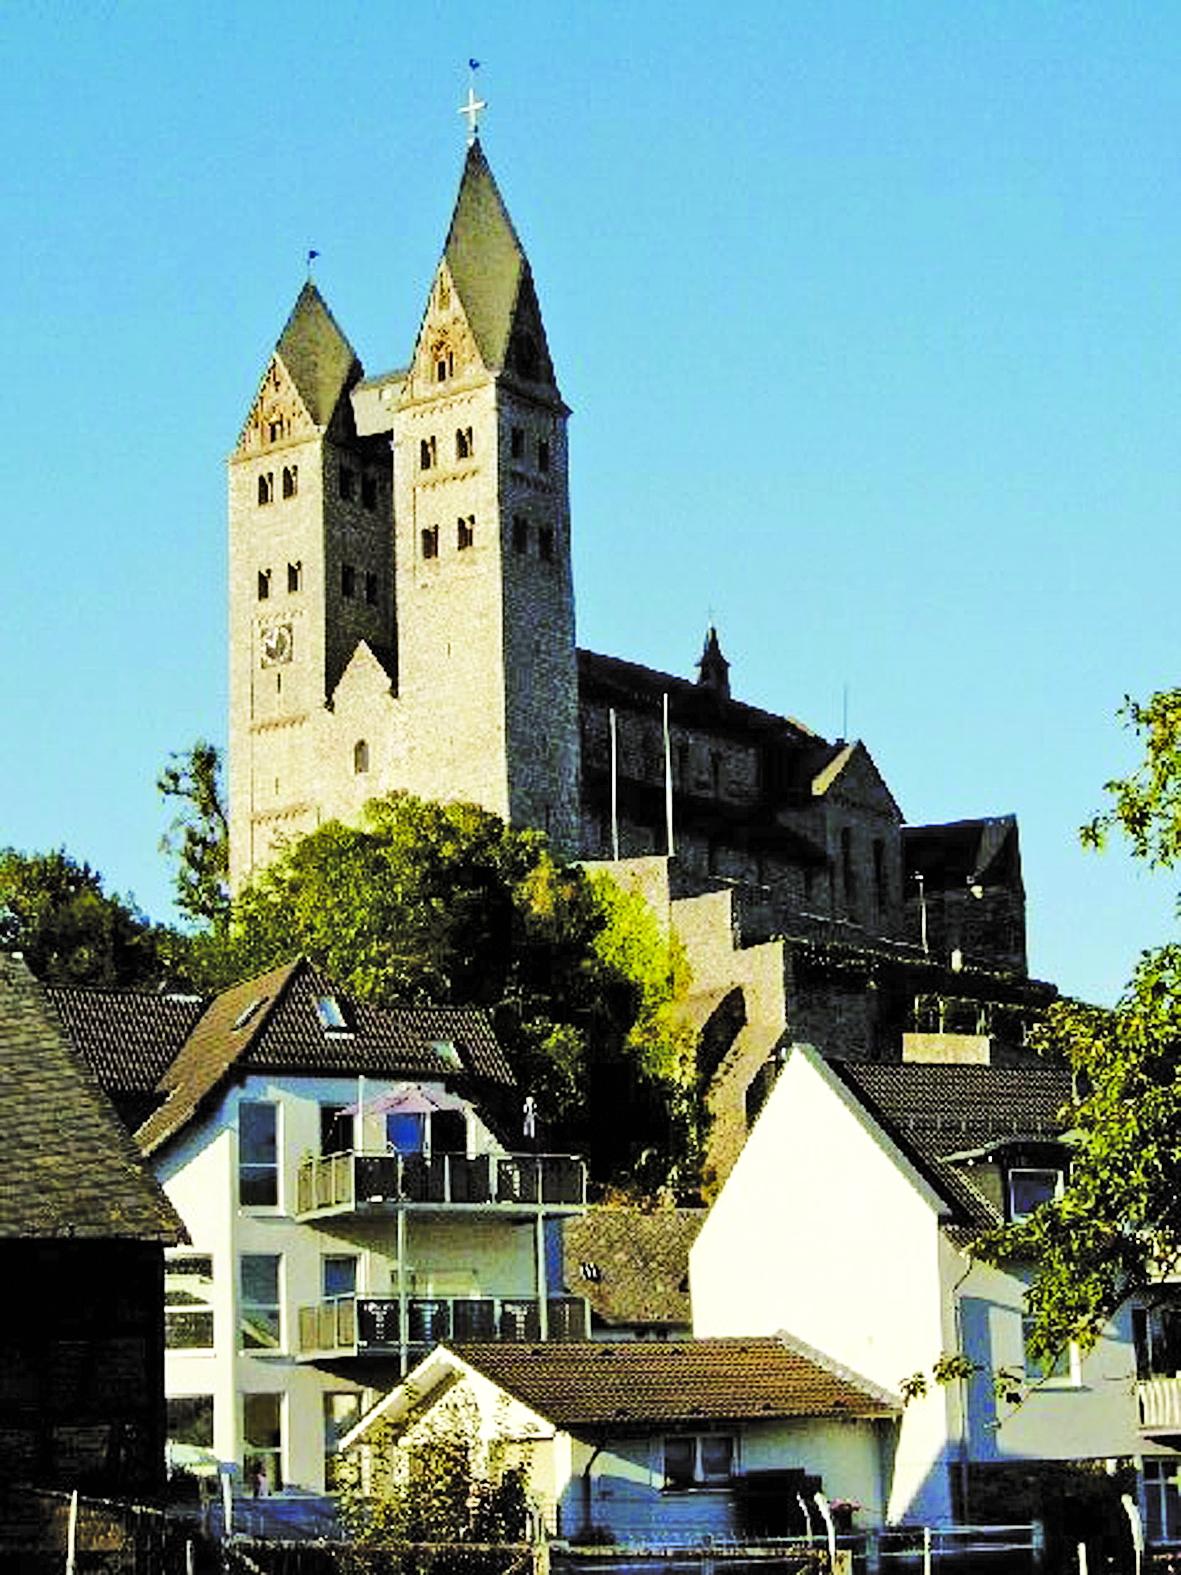 Limburg, như nhiều thành phố châu Âu, có hai gương mặt, gương mặt nào cũng in bóng lịch sử, vừa đáng tự hào, vừa đáng hổ thẹn và đau khổ